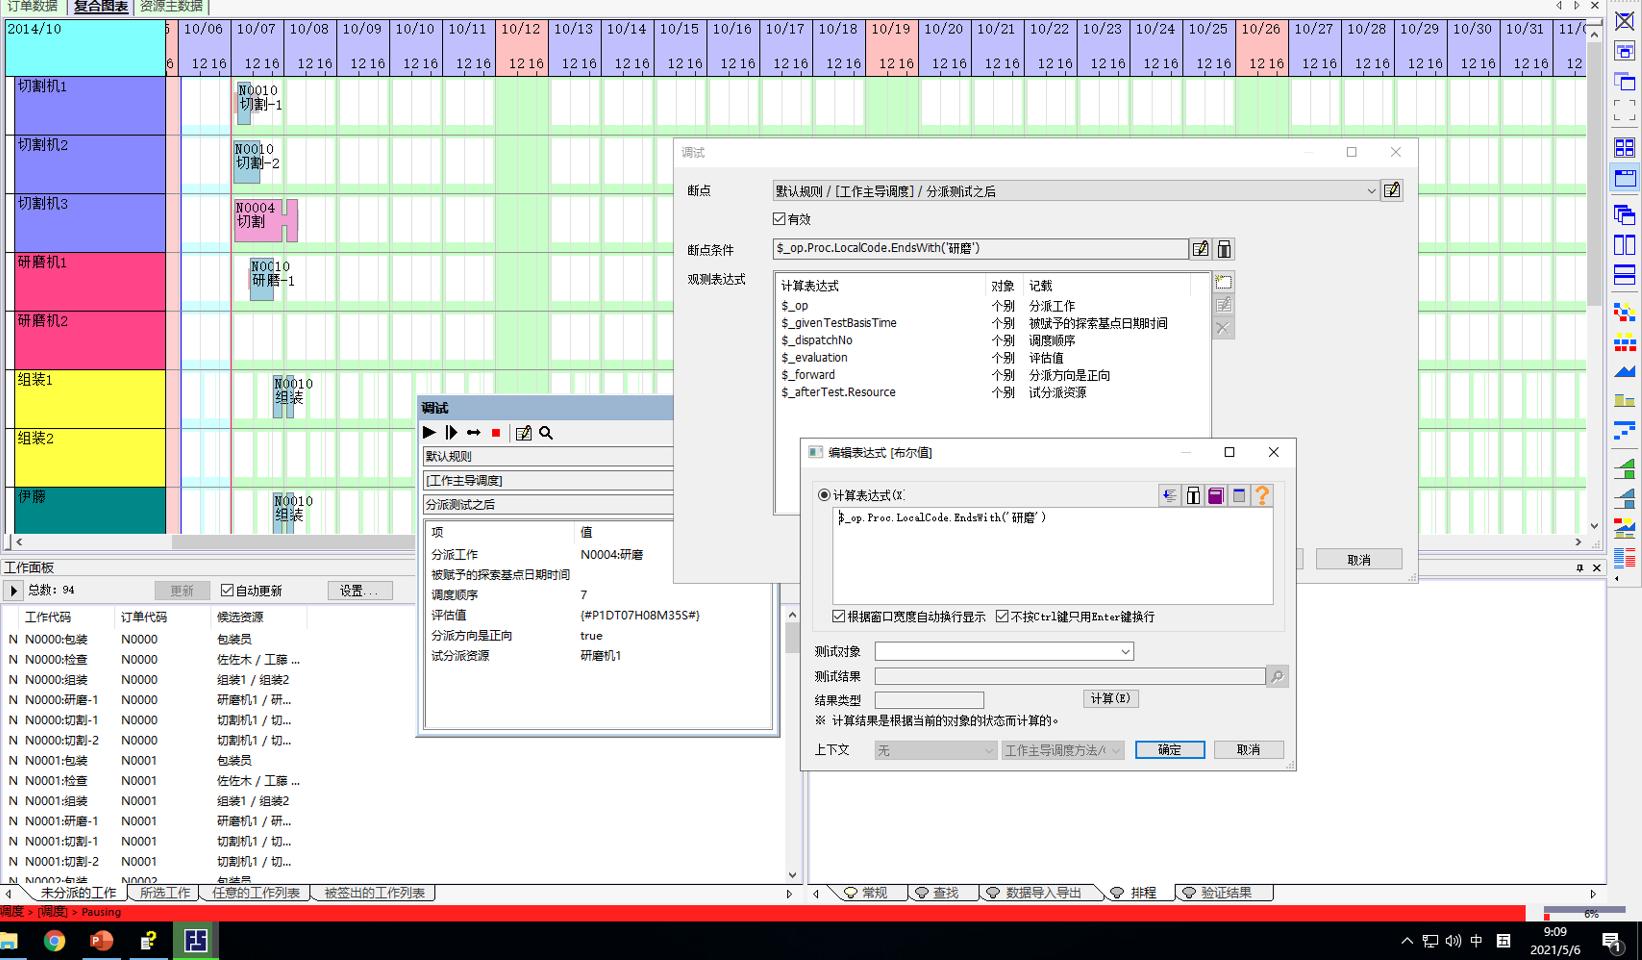 FLEXSCHE系统提供排程Debug功能,可按步骤进行,展示过程详细,确认方案效果,深入优化排程效果成为可能!